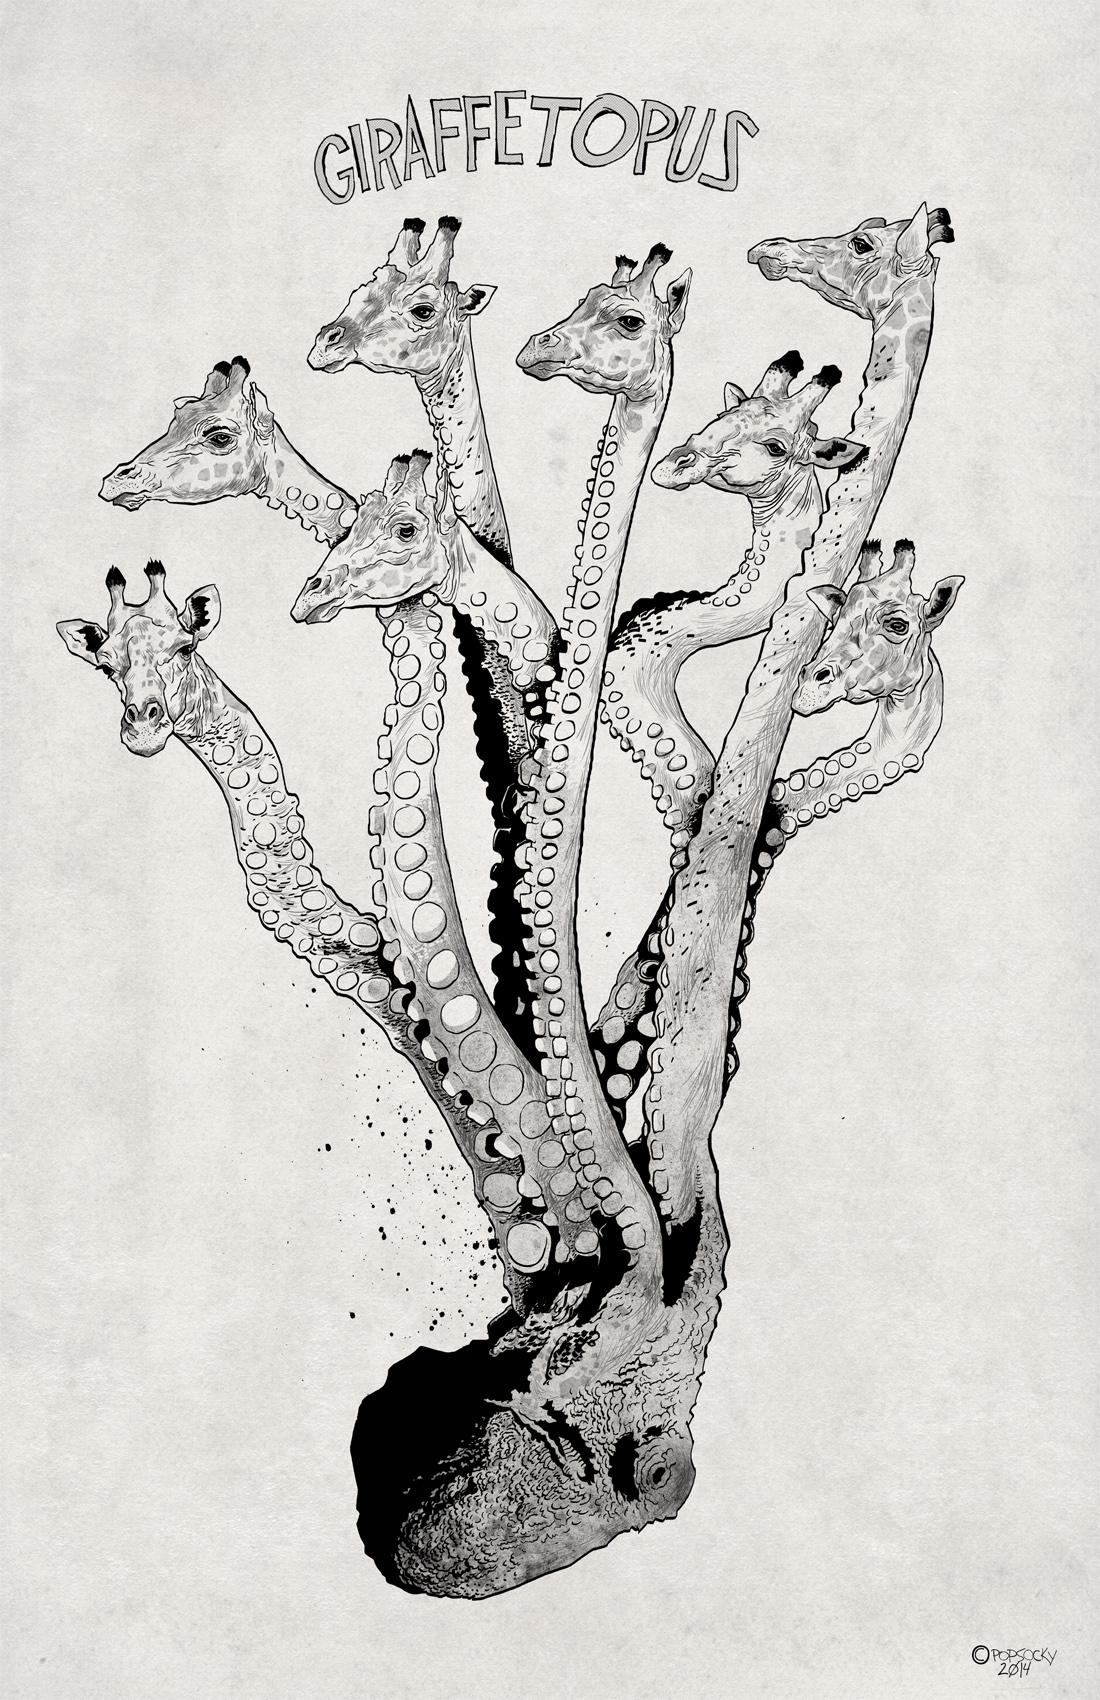 Giraffetopus